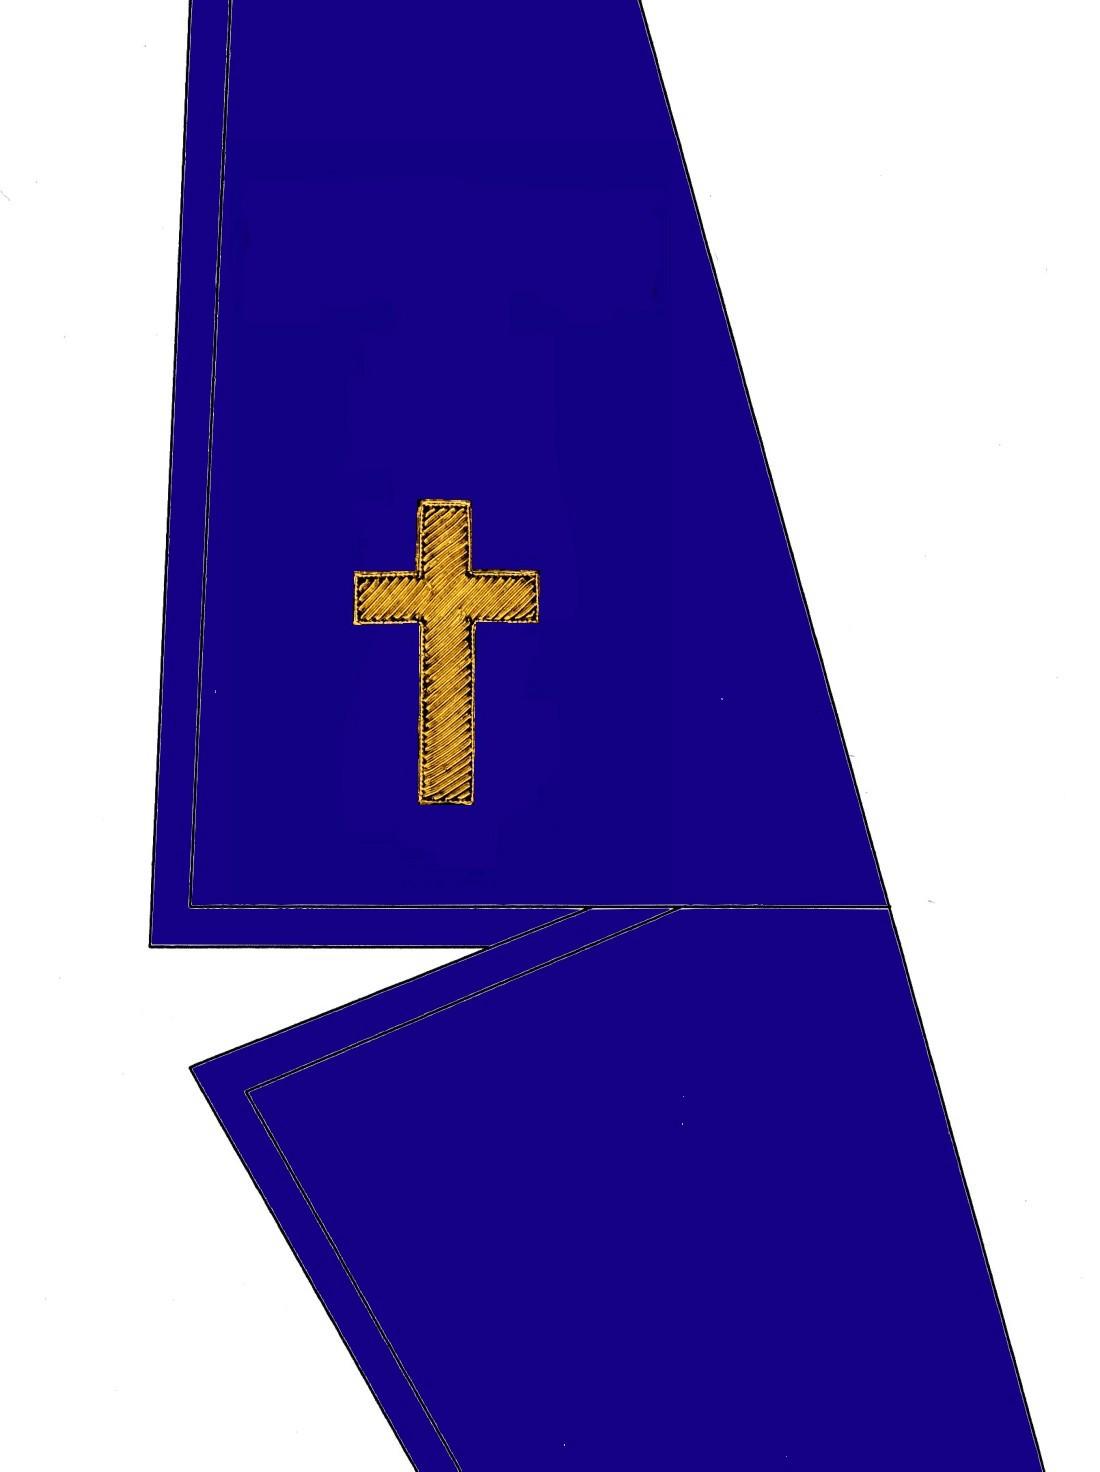 0302-kragen-rangabzeichen-oberkurat-hg-blau-2